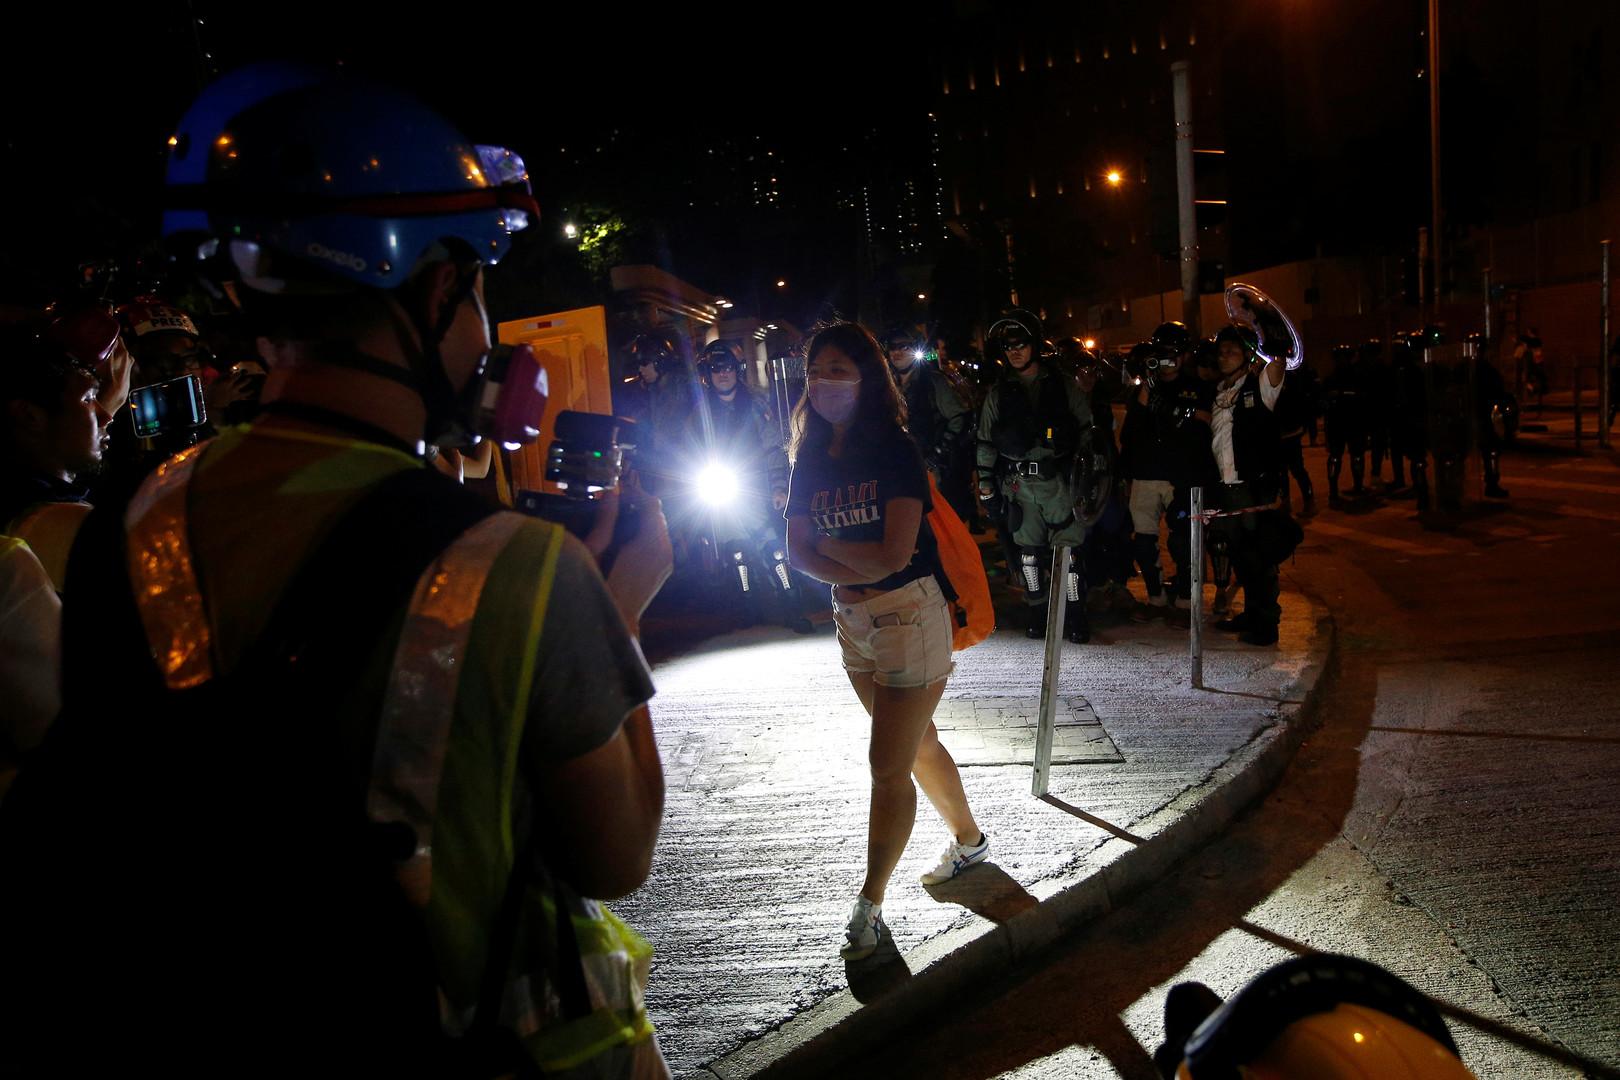 شرطة هونغ كونغ تعتقل 29 شخصا بعد اشتباكات حادة